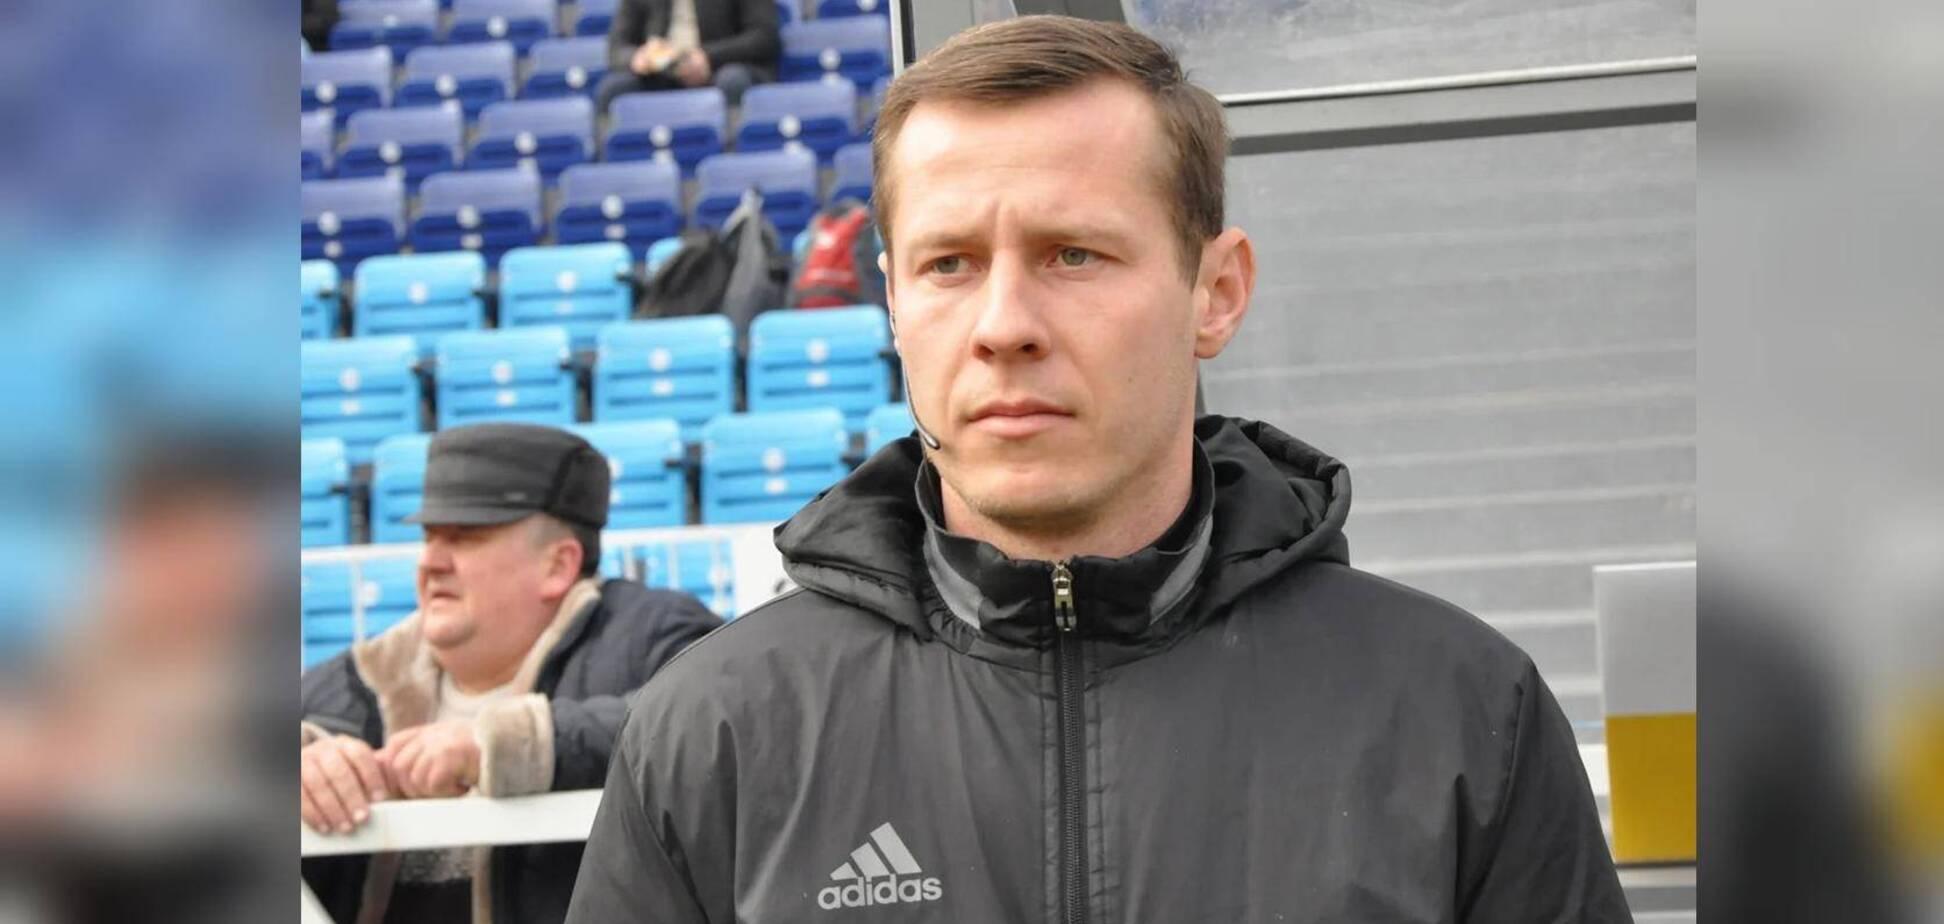 Журналіст показав, як виглядає арбітр після побиття в матчі Першої ліги